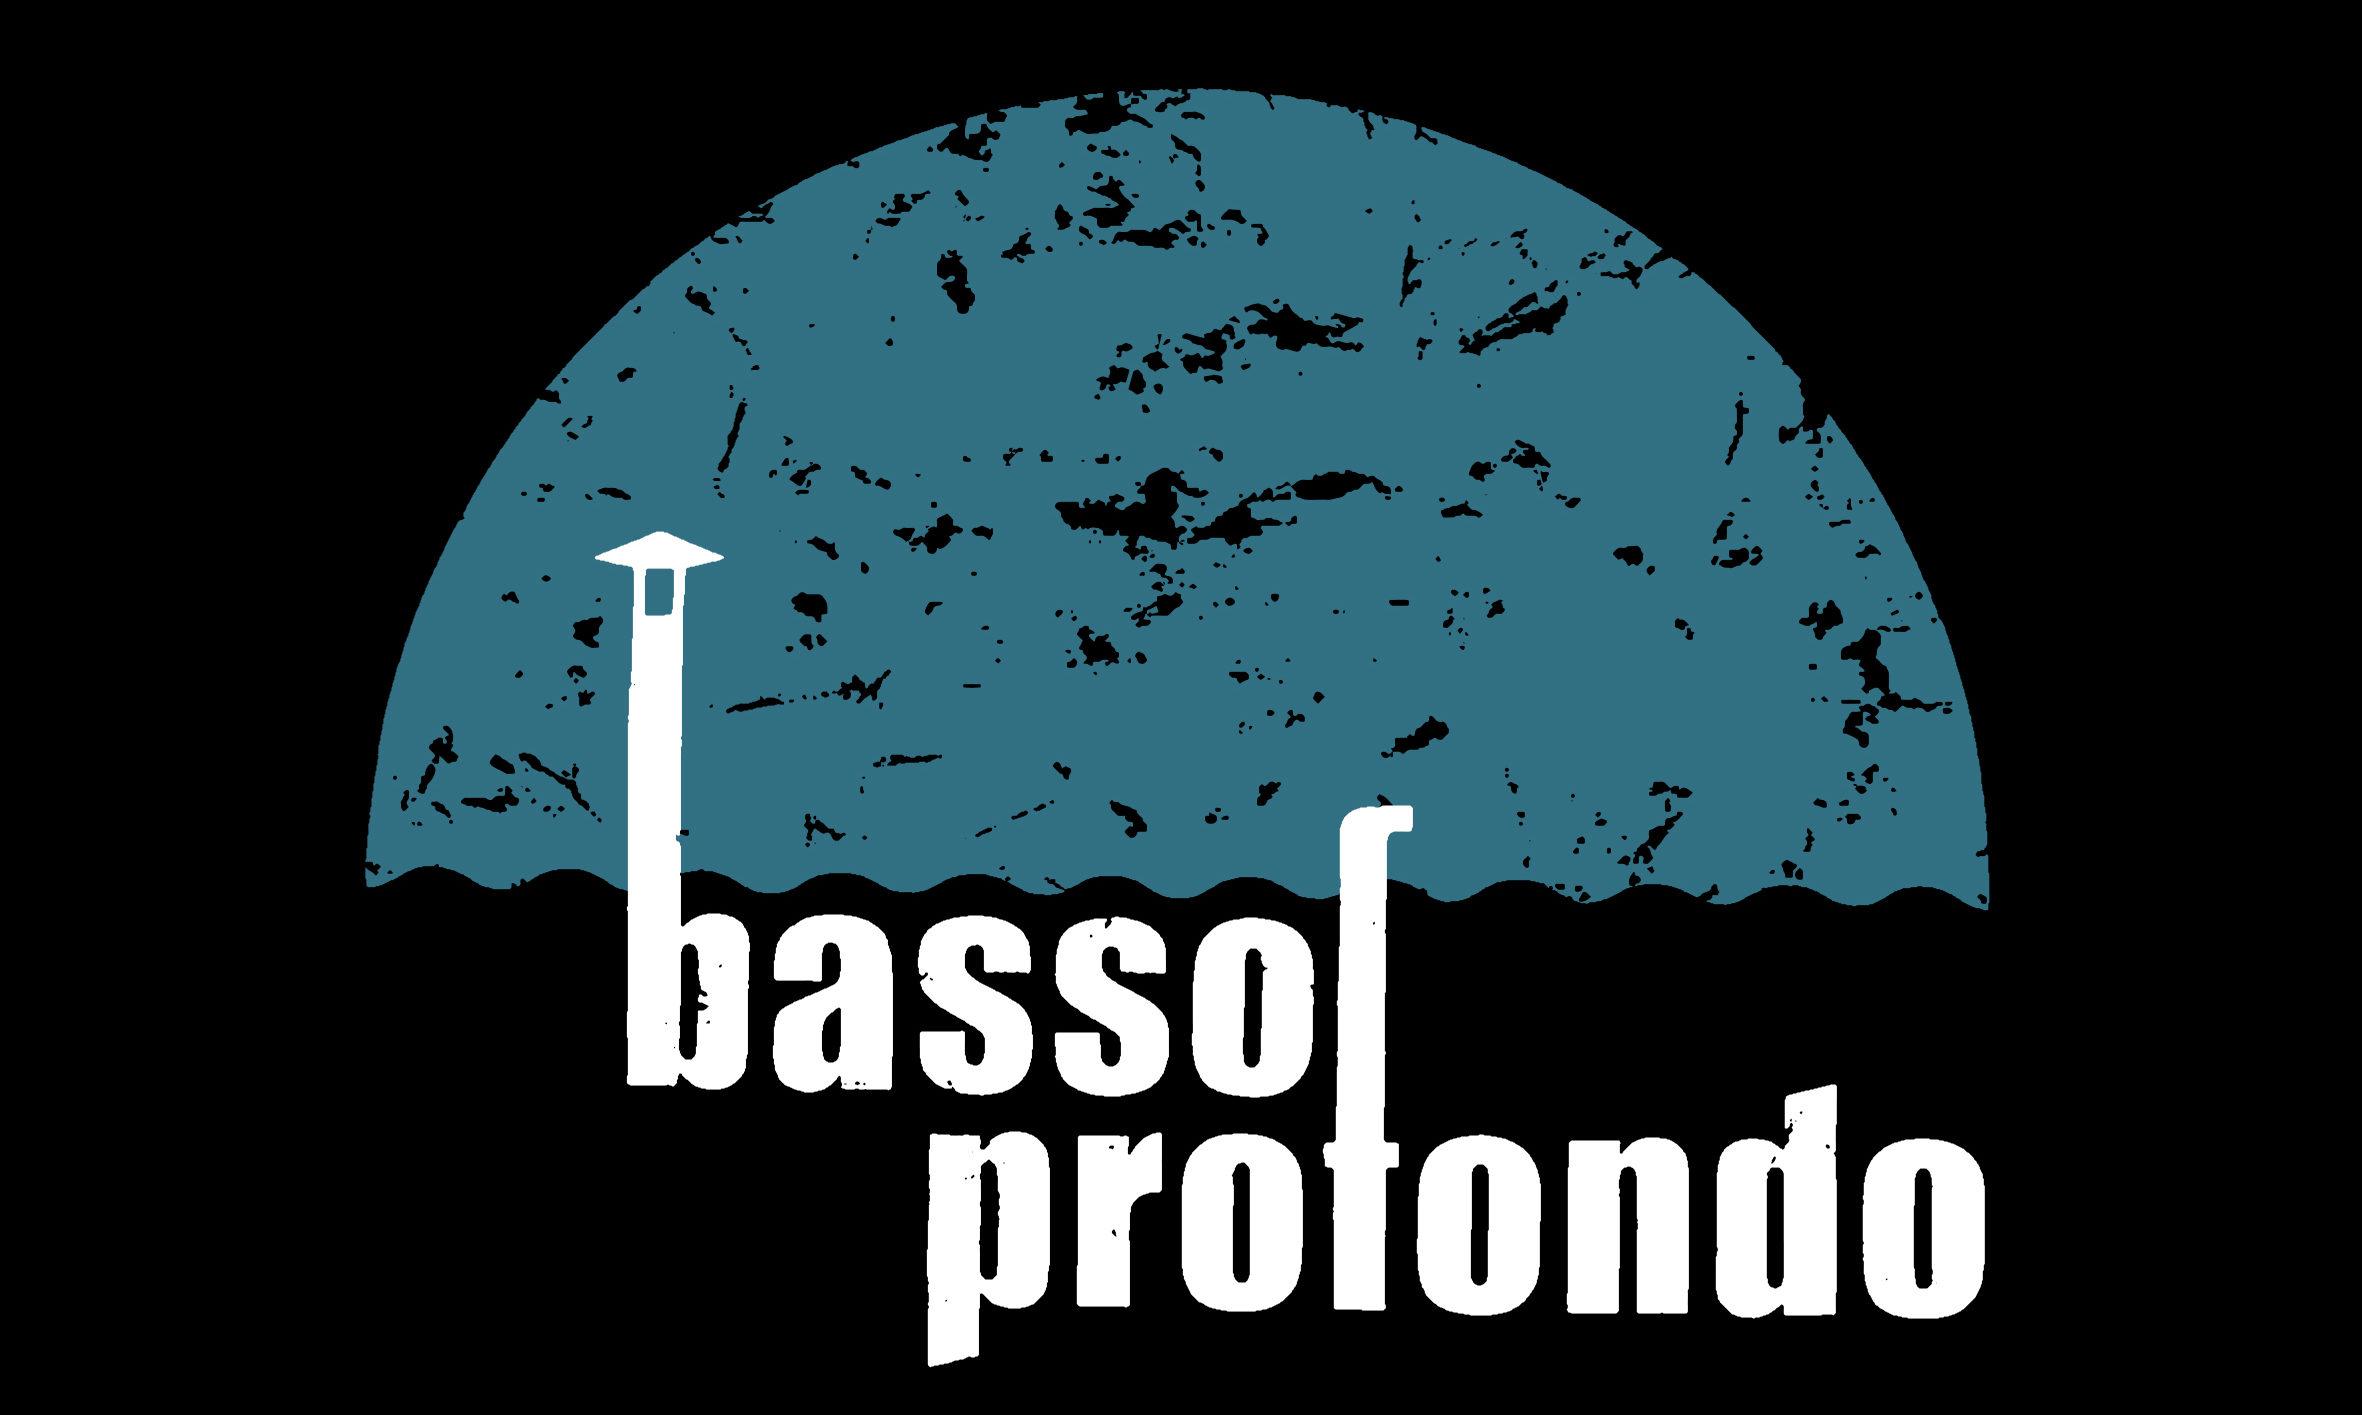 cropped-Basso-Profondo_neg_digi-1.jpg